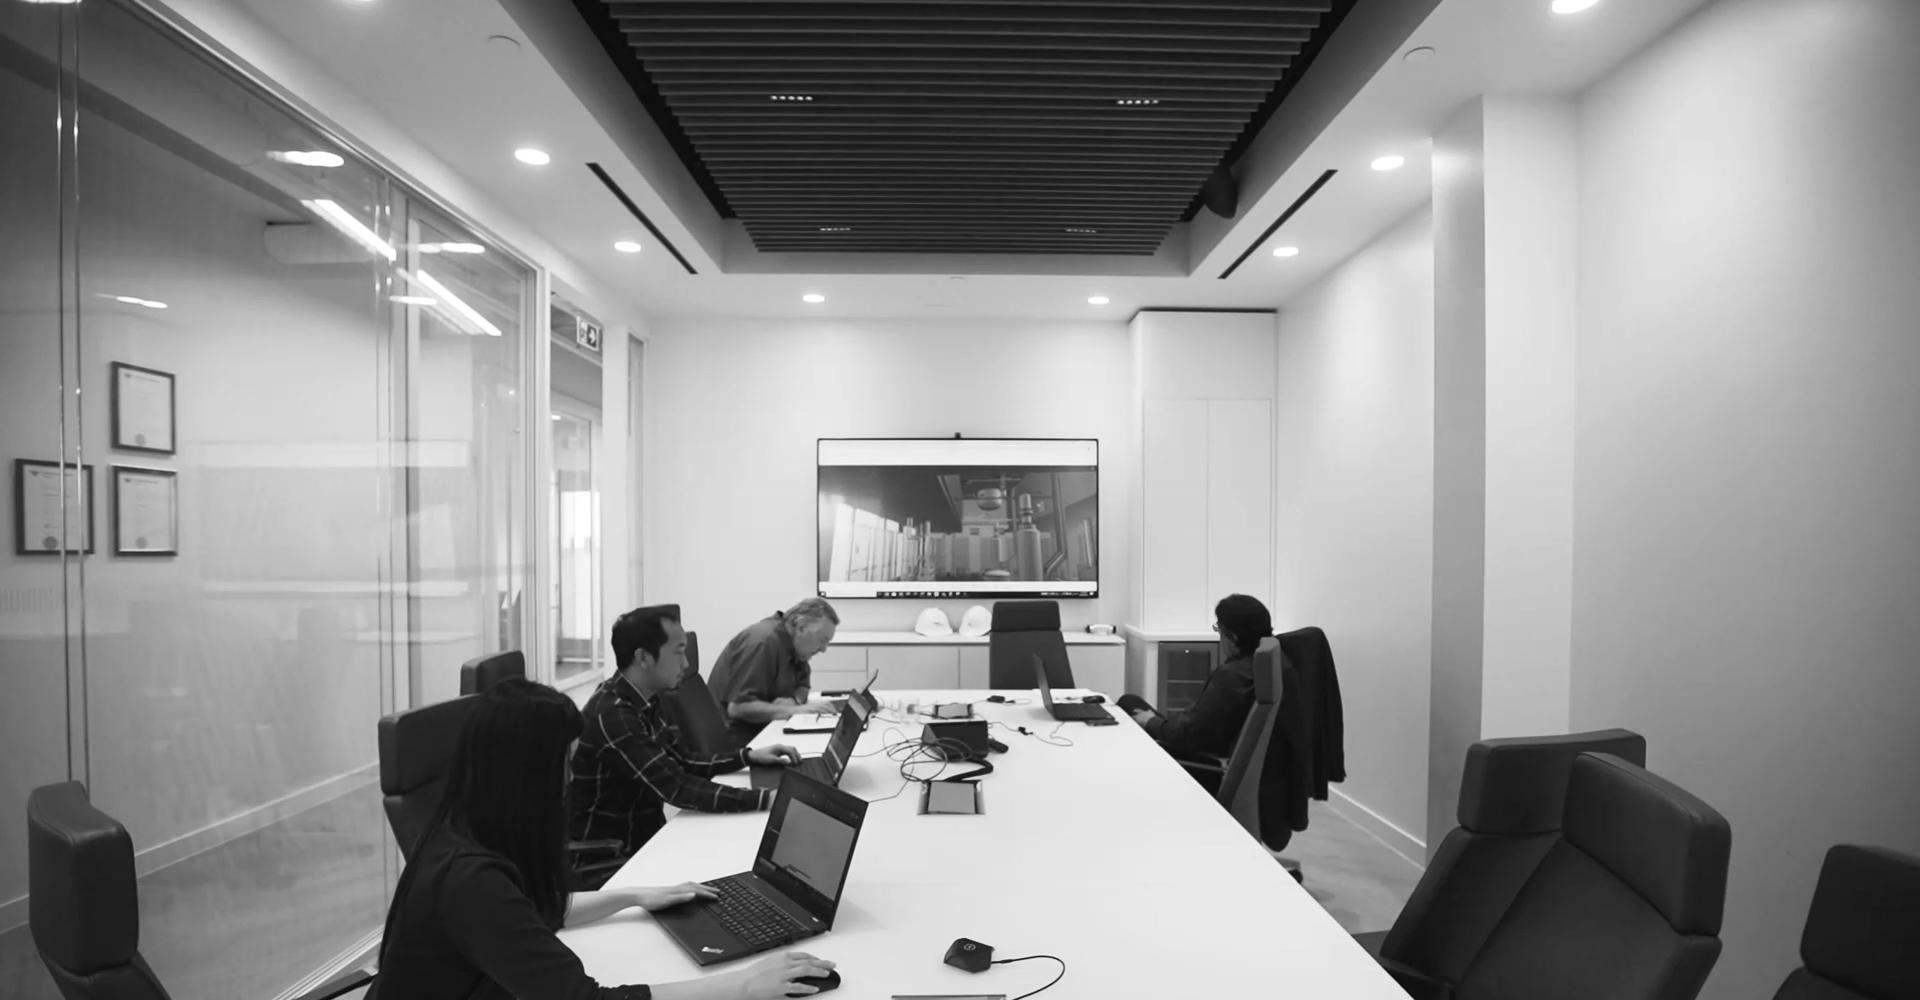 Office Members Image